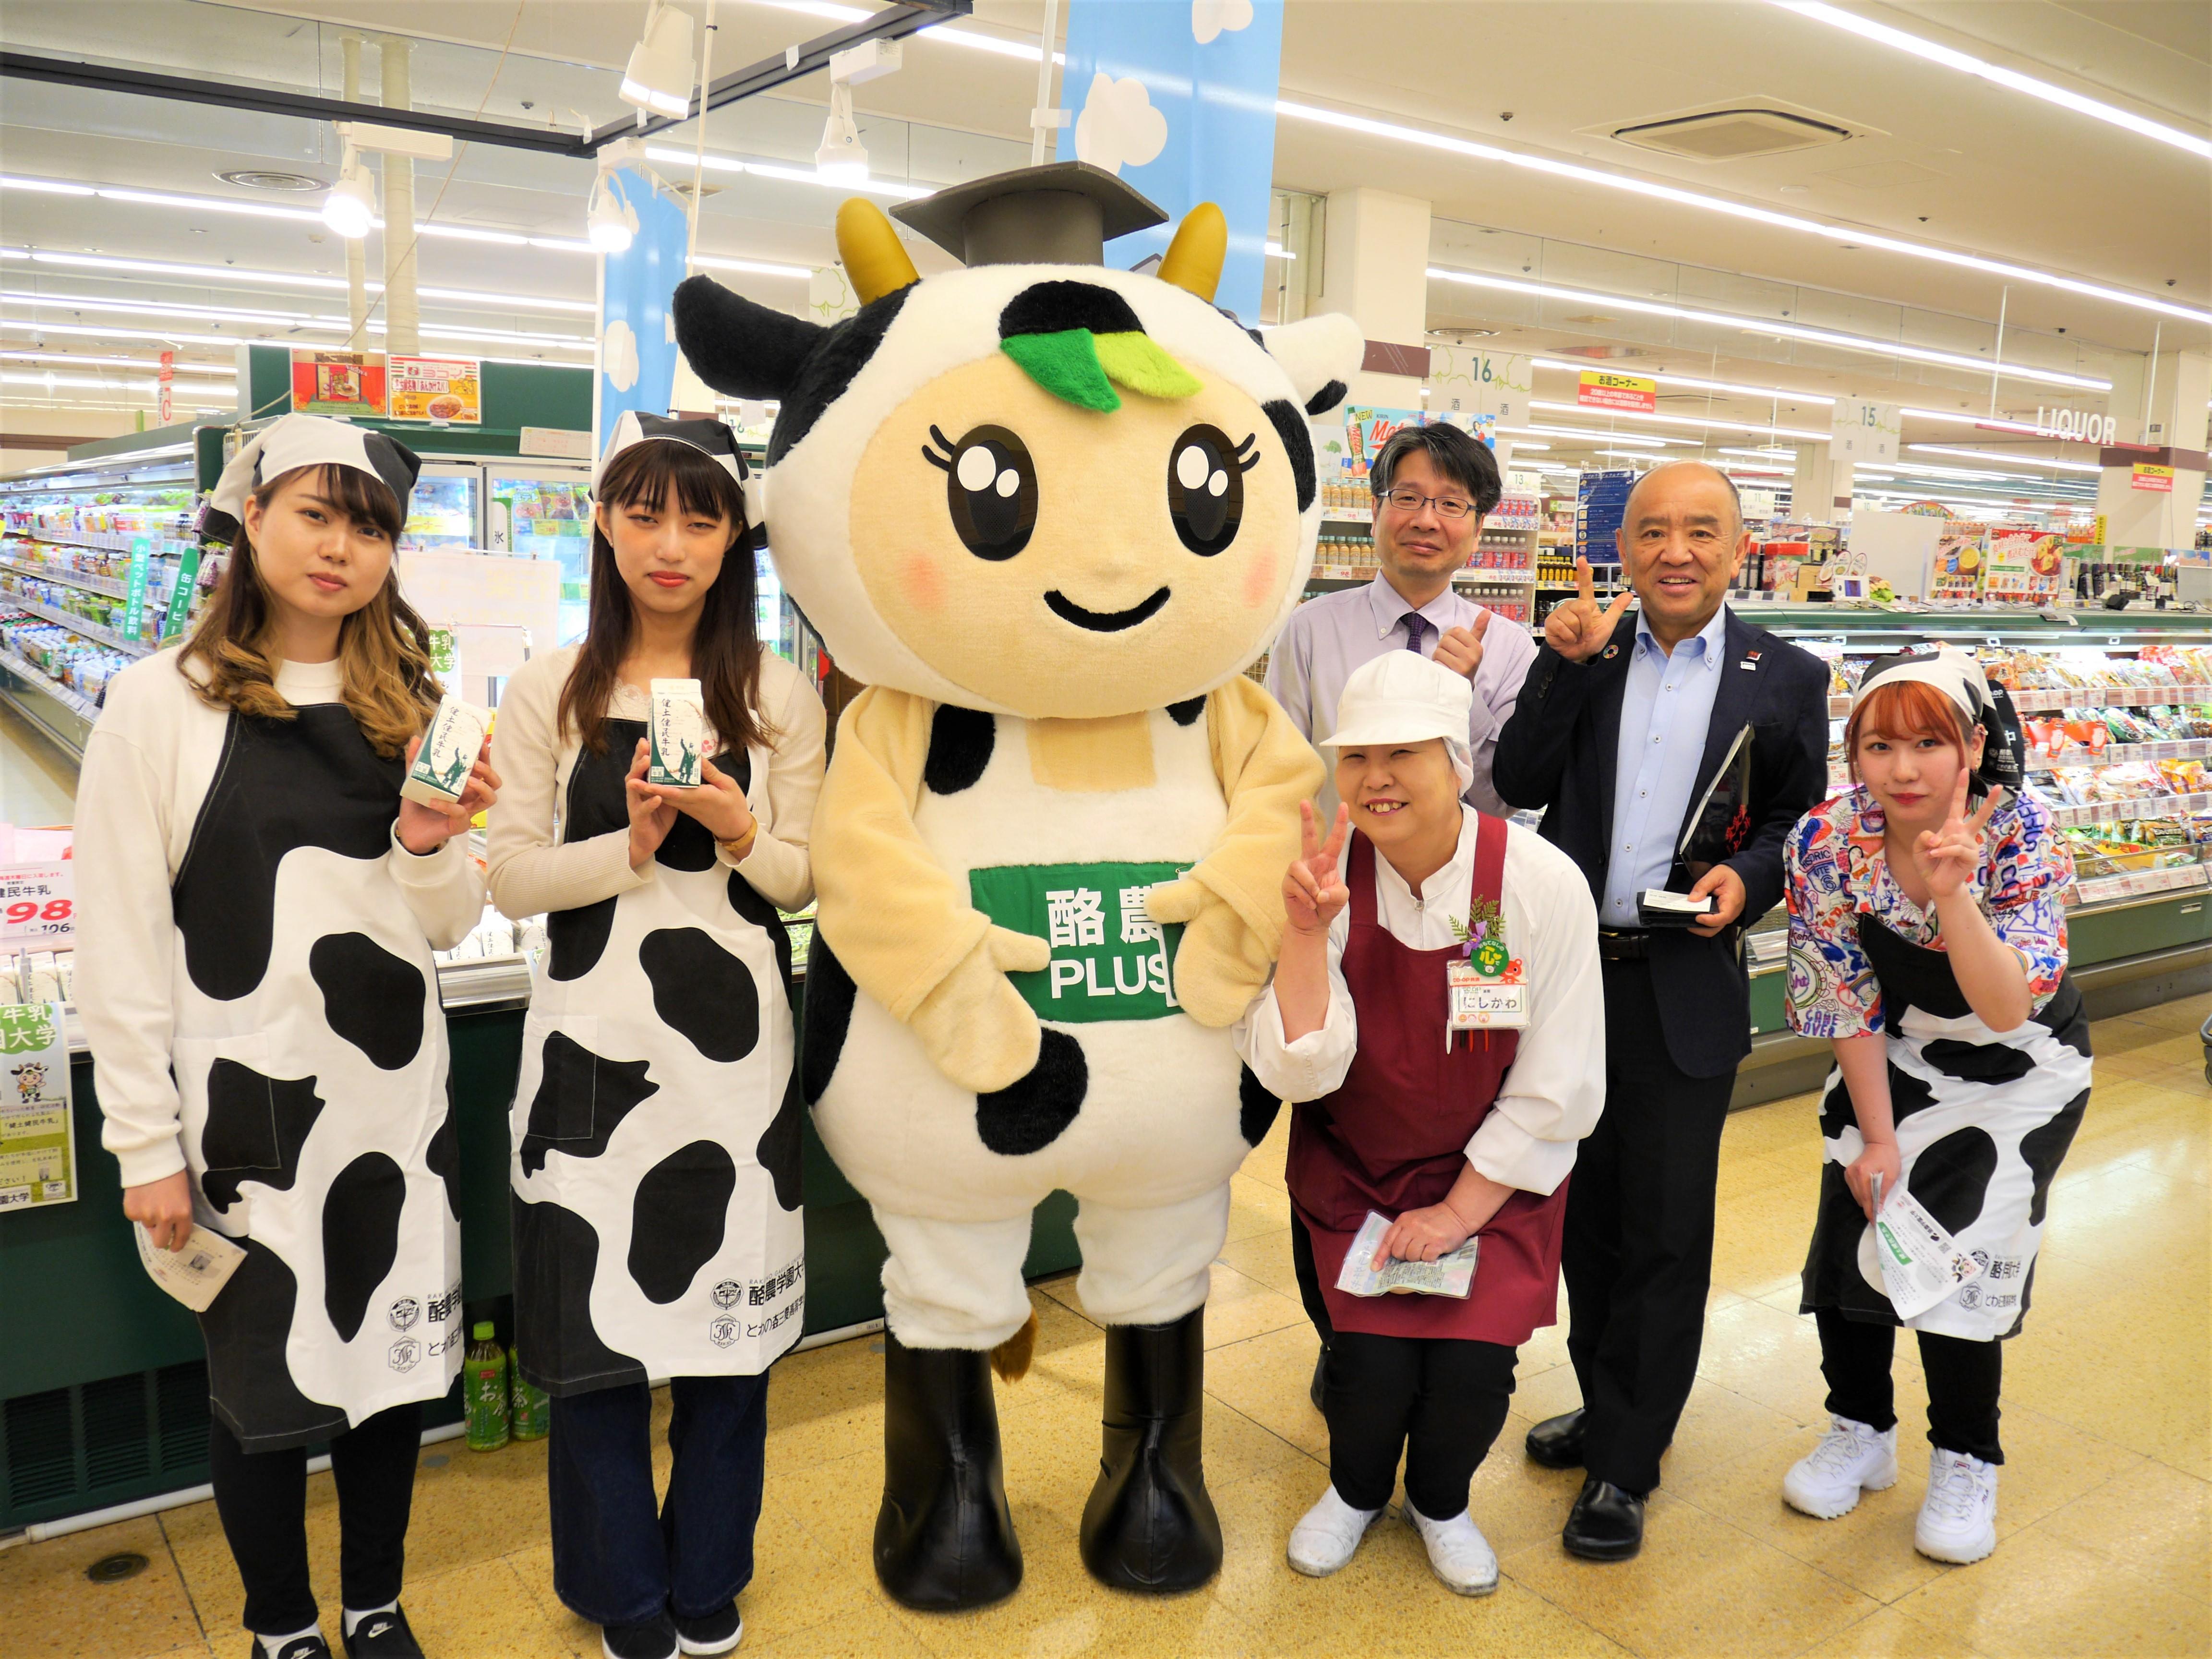 酪農学園大学オリジナル牛乳「健土健民牛乳」をコープさっぽろLucy店で販売